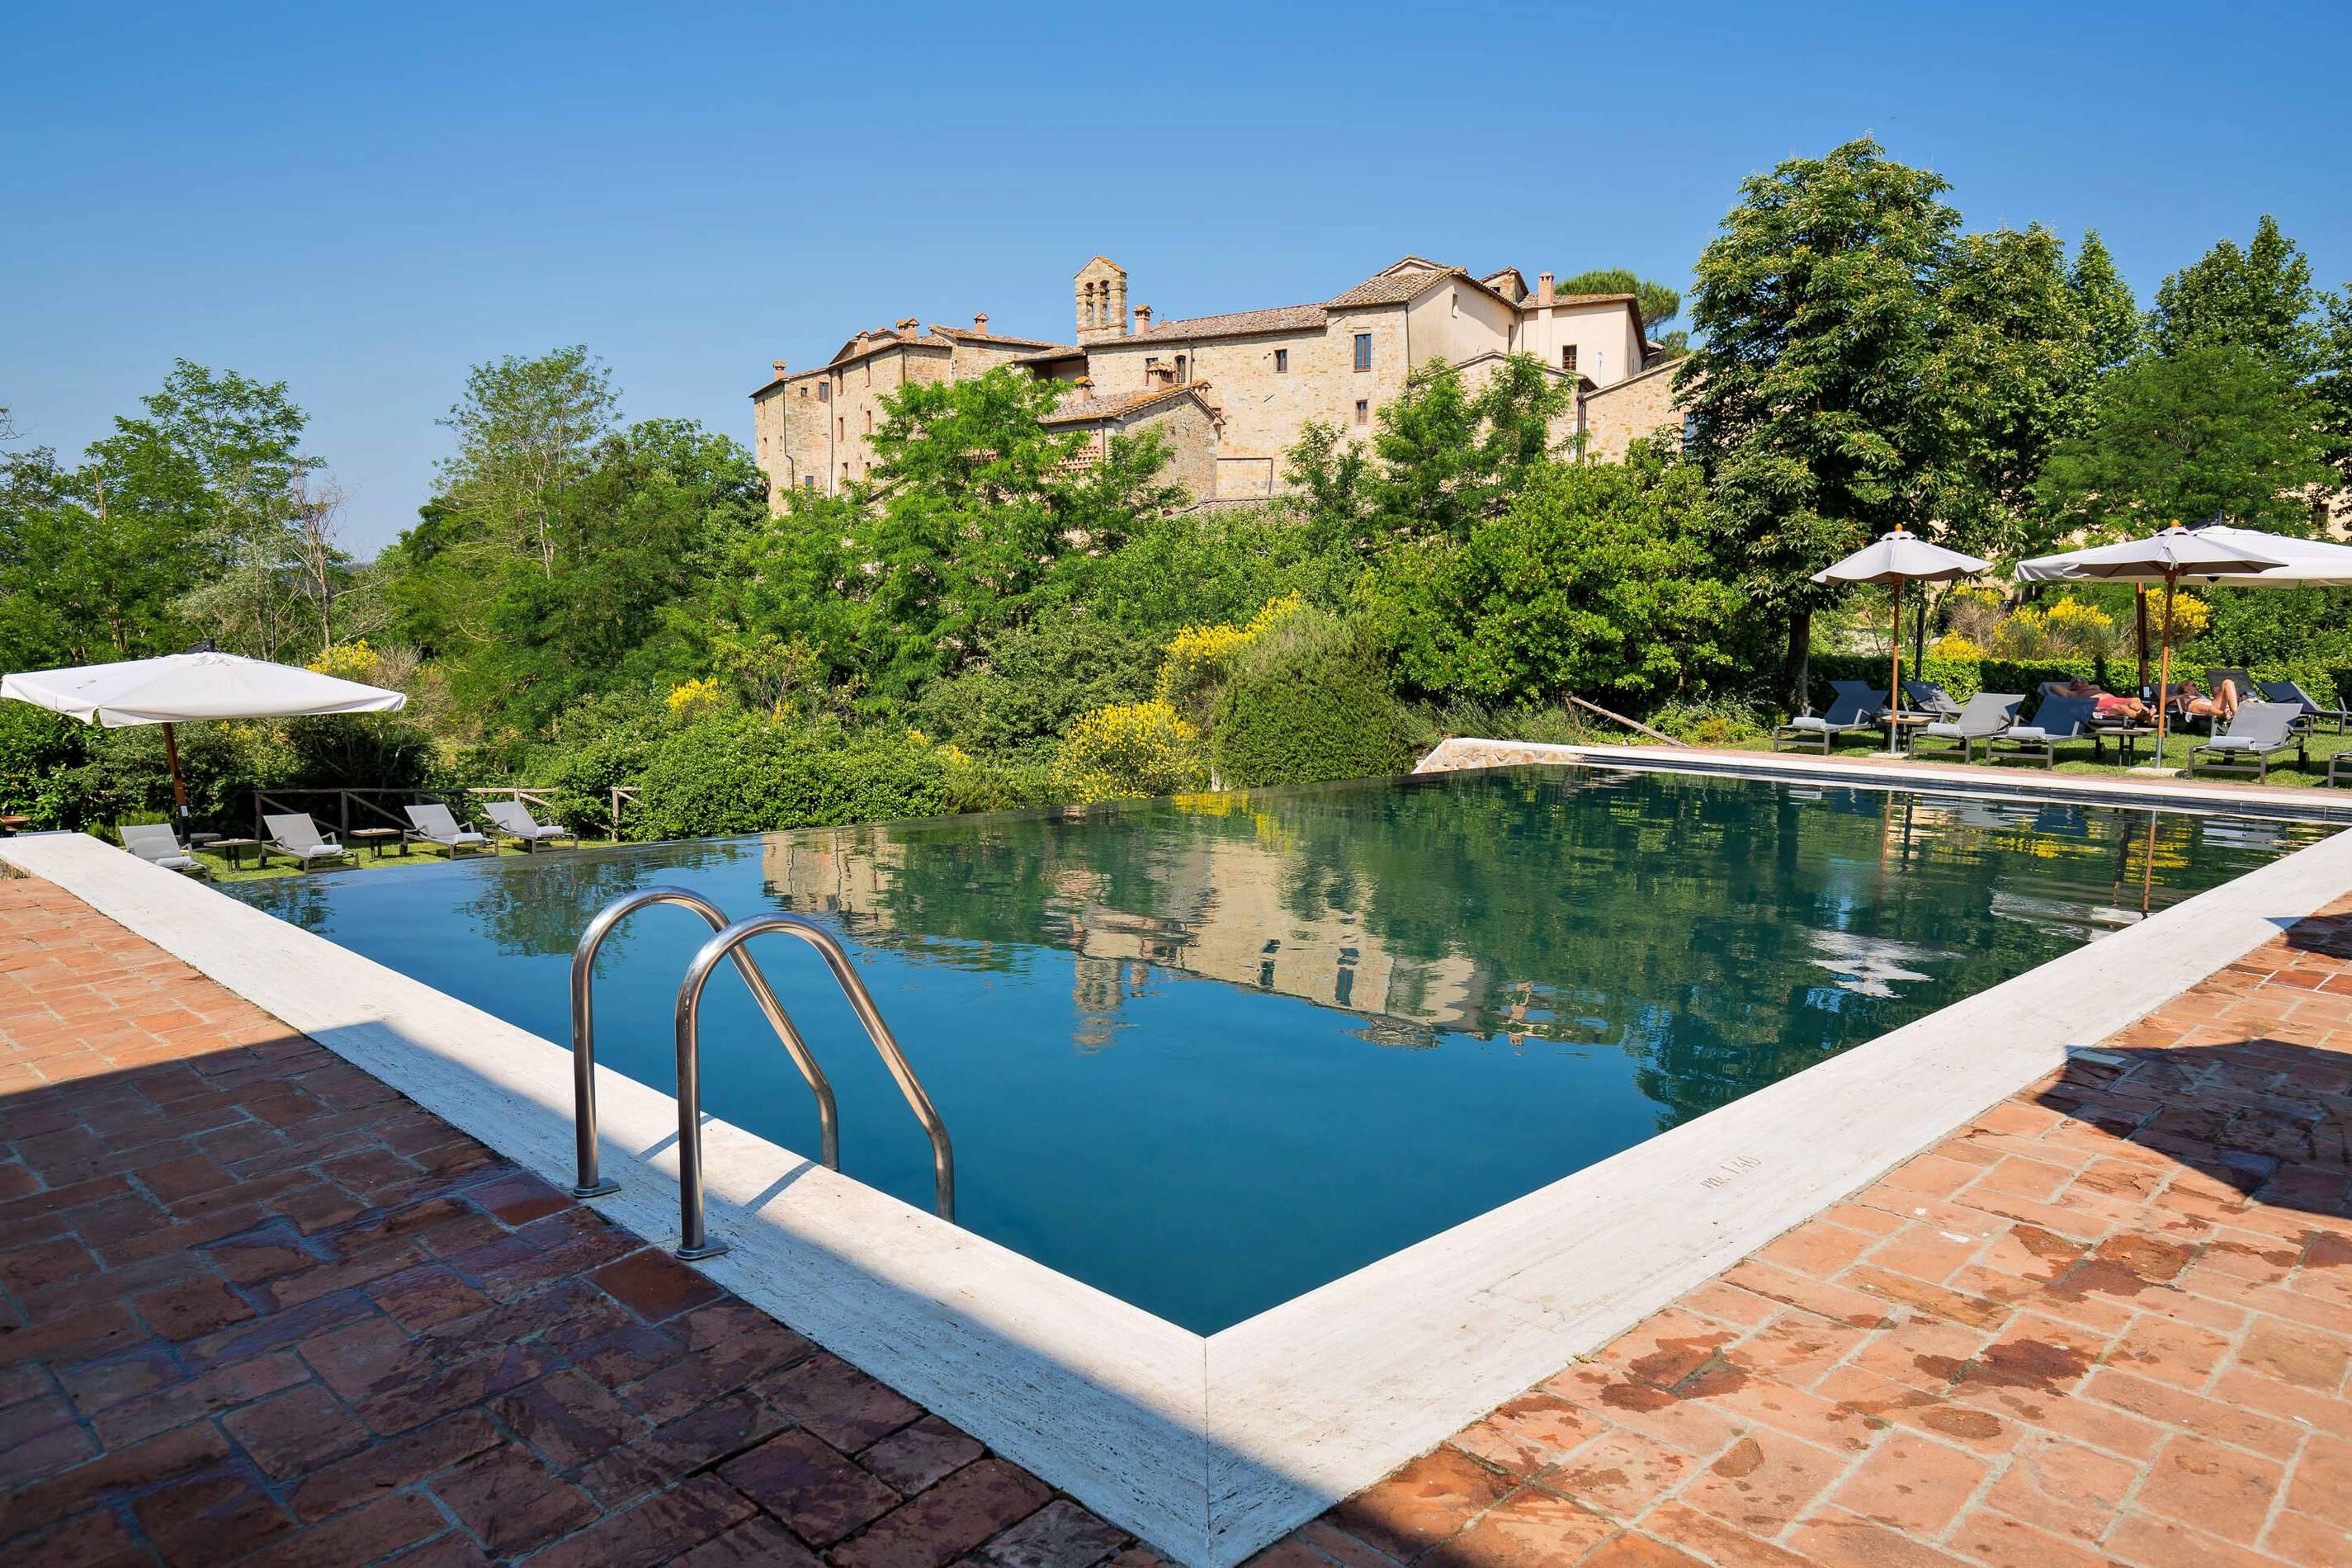 Castel Monastero Piscine Exterieure Toscane Italie Antinori